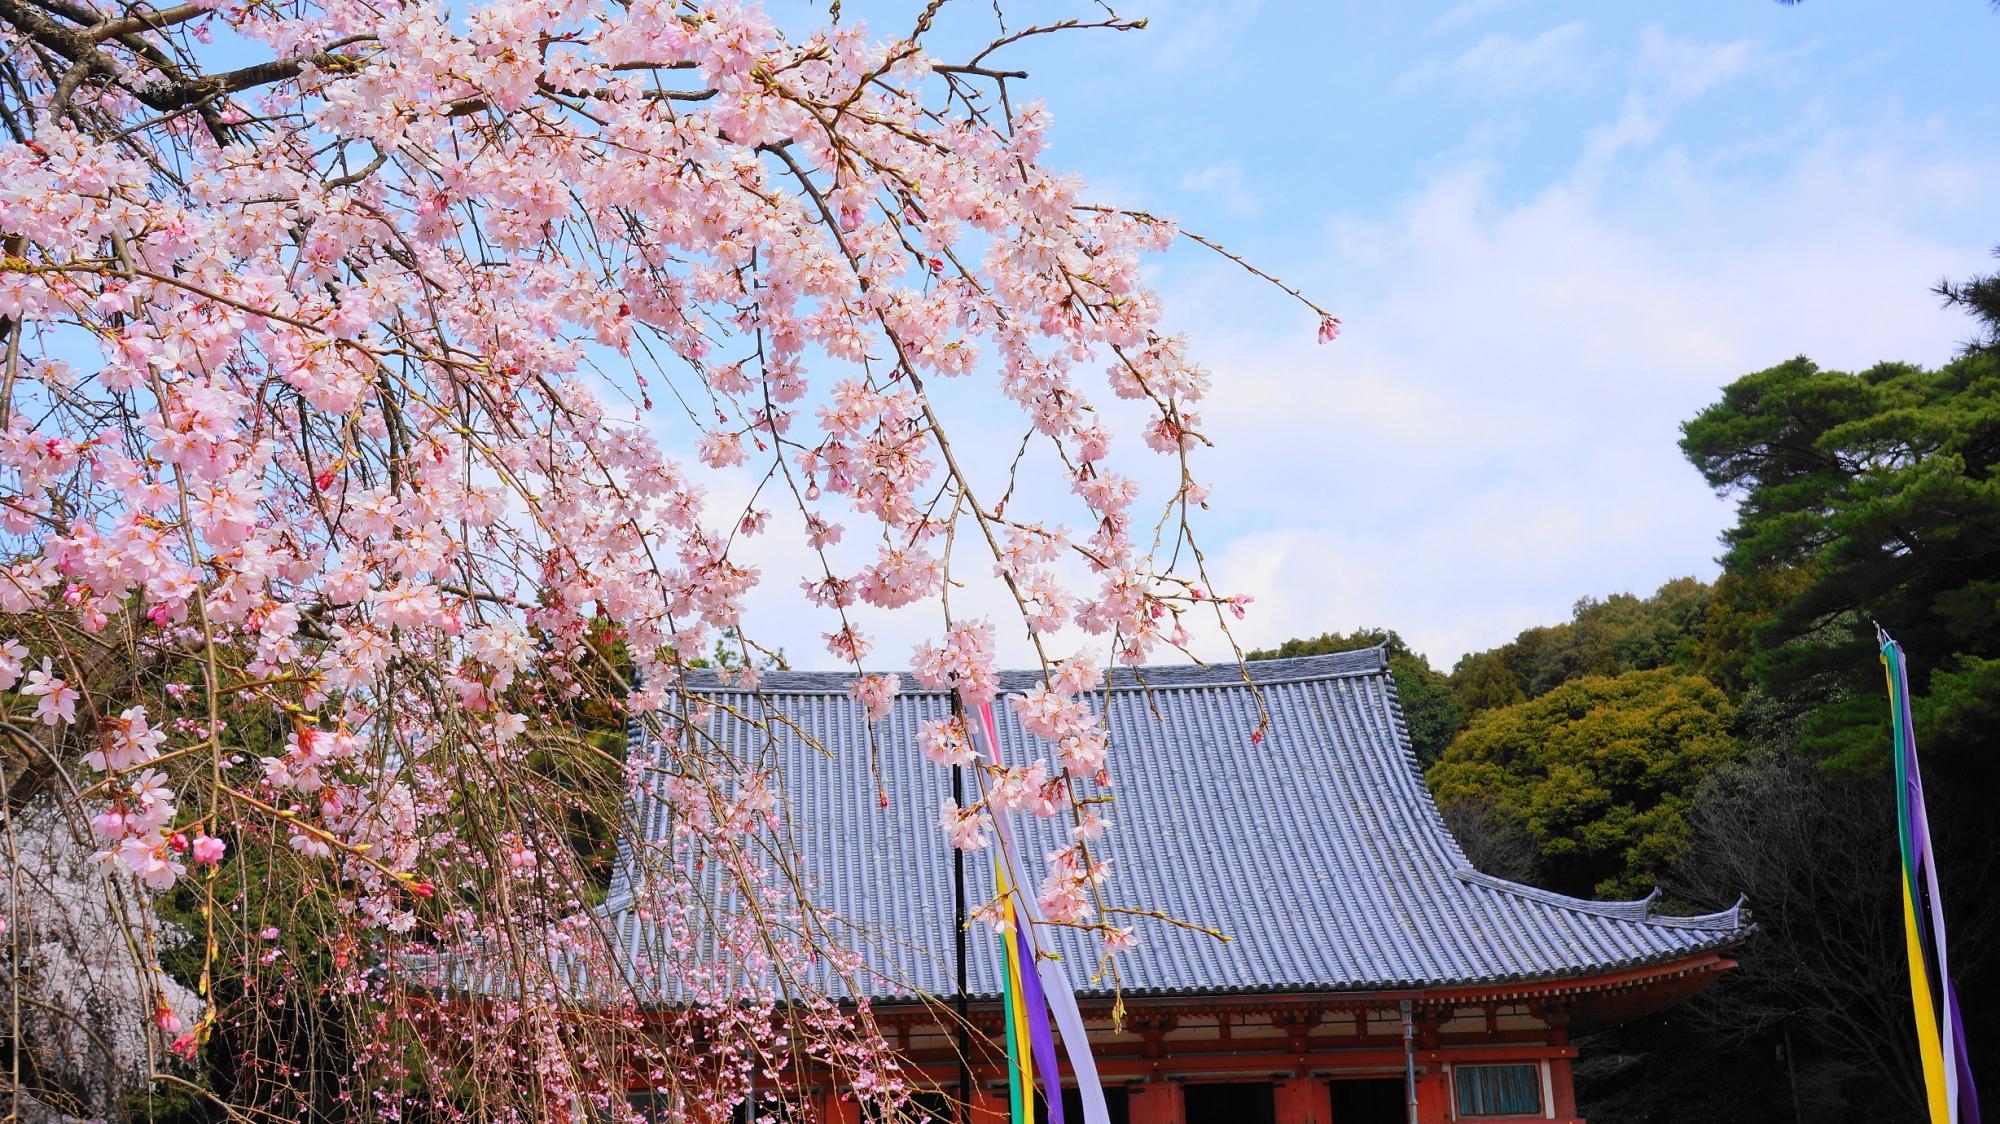 醍醐寺の金堂と優美な桜